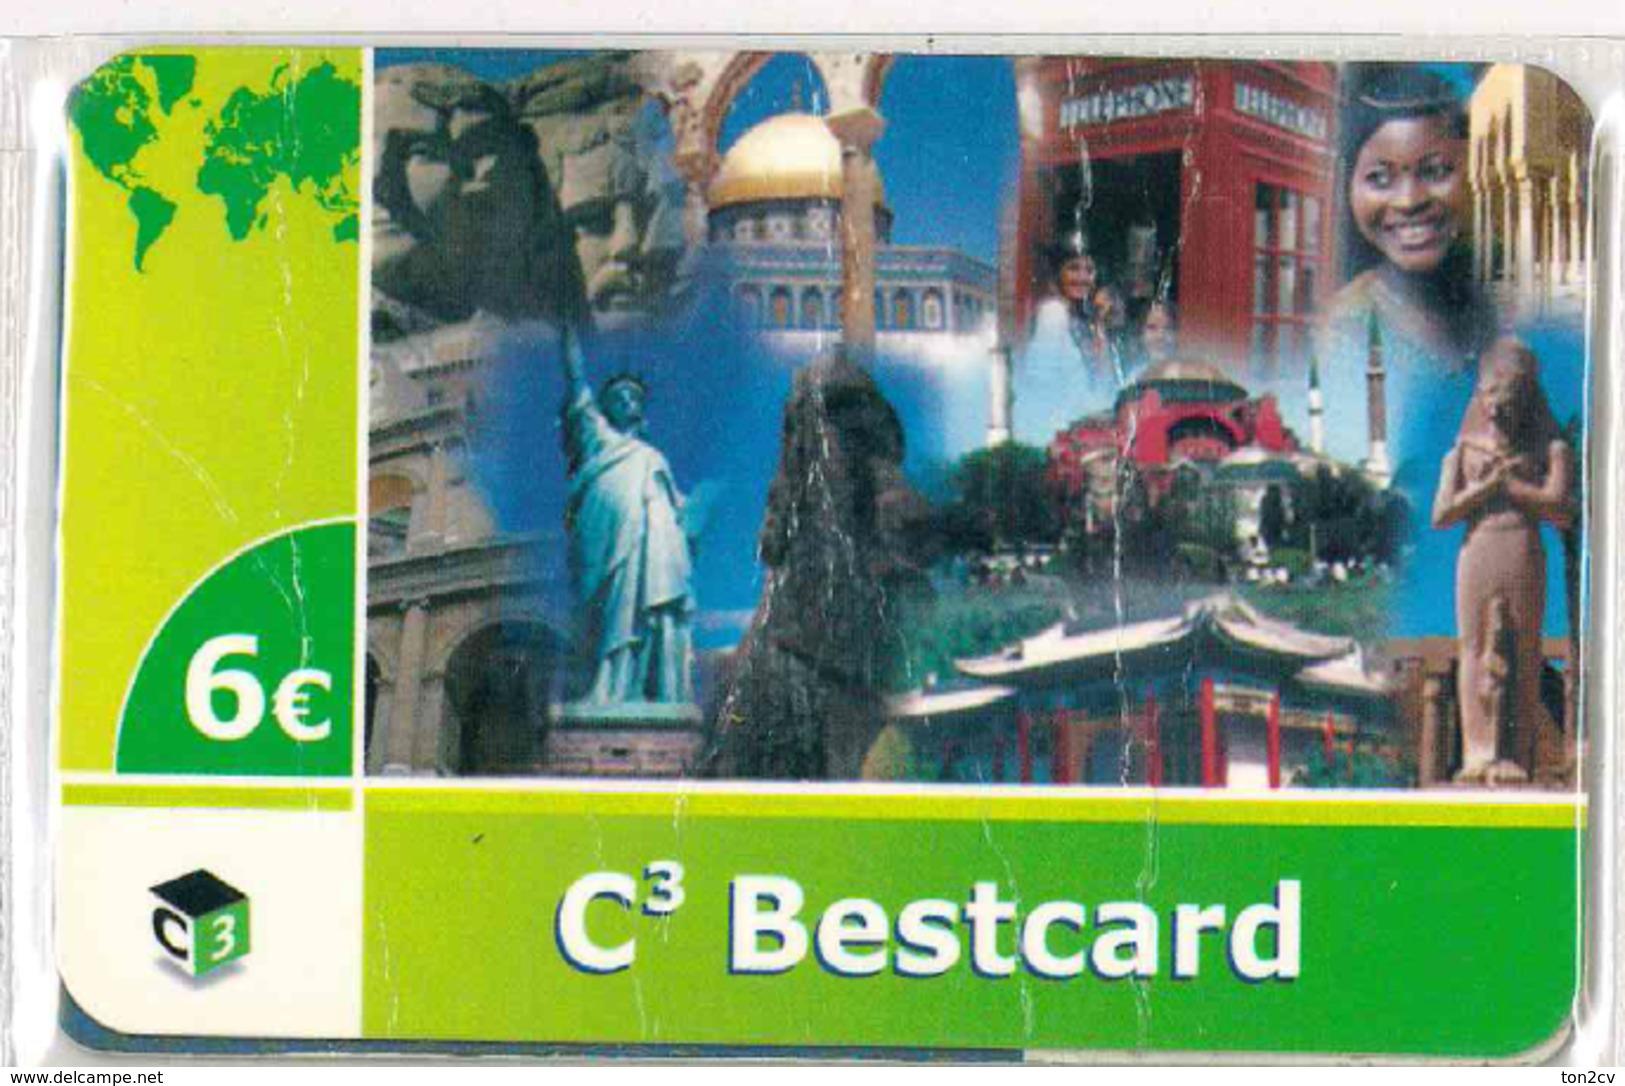 Phonecard - BESTCARD - Onbekende Oorsprong